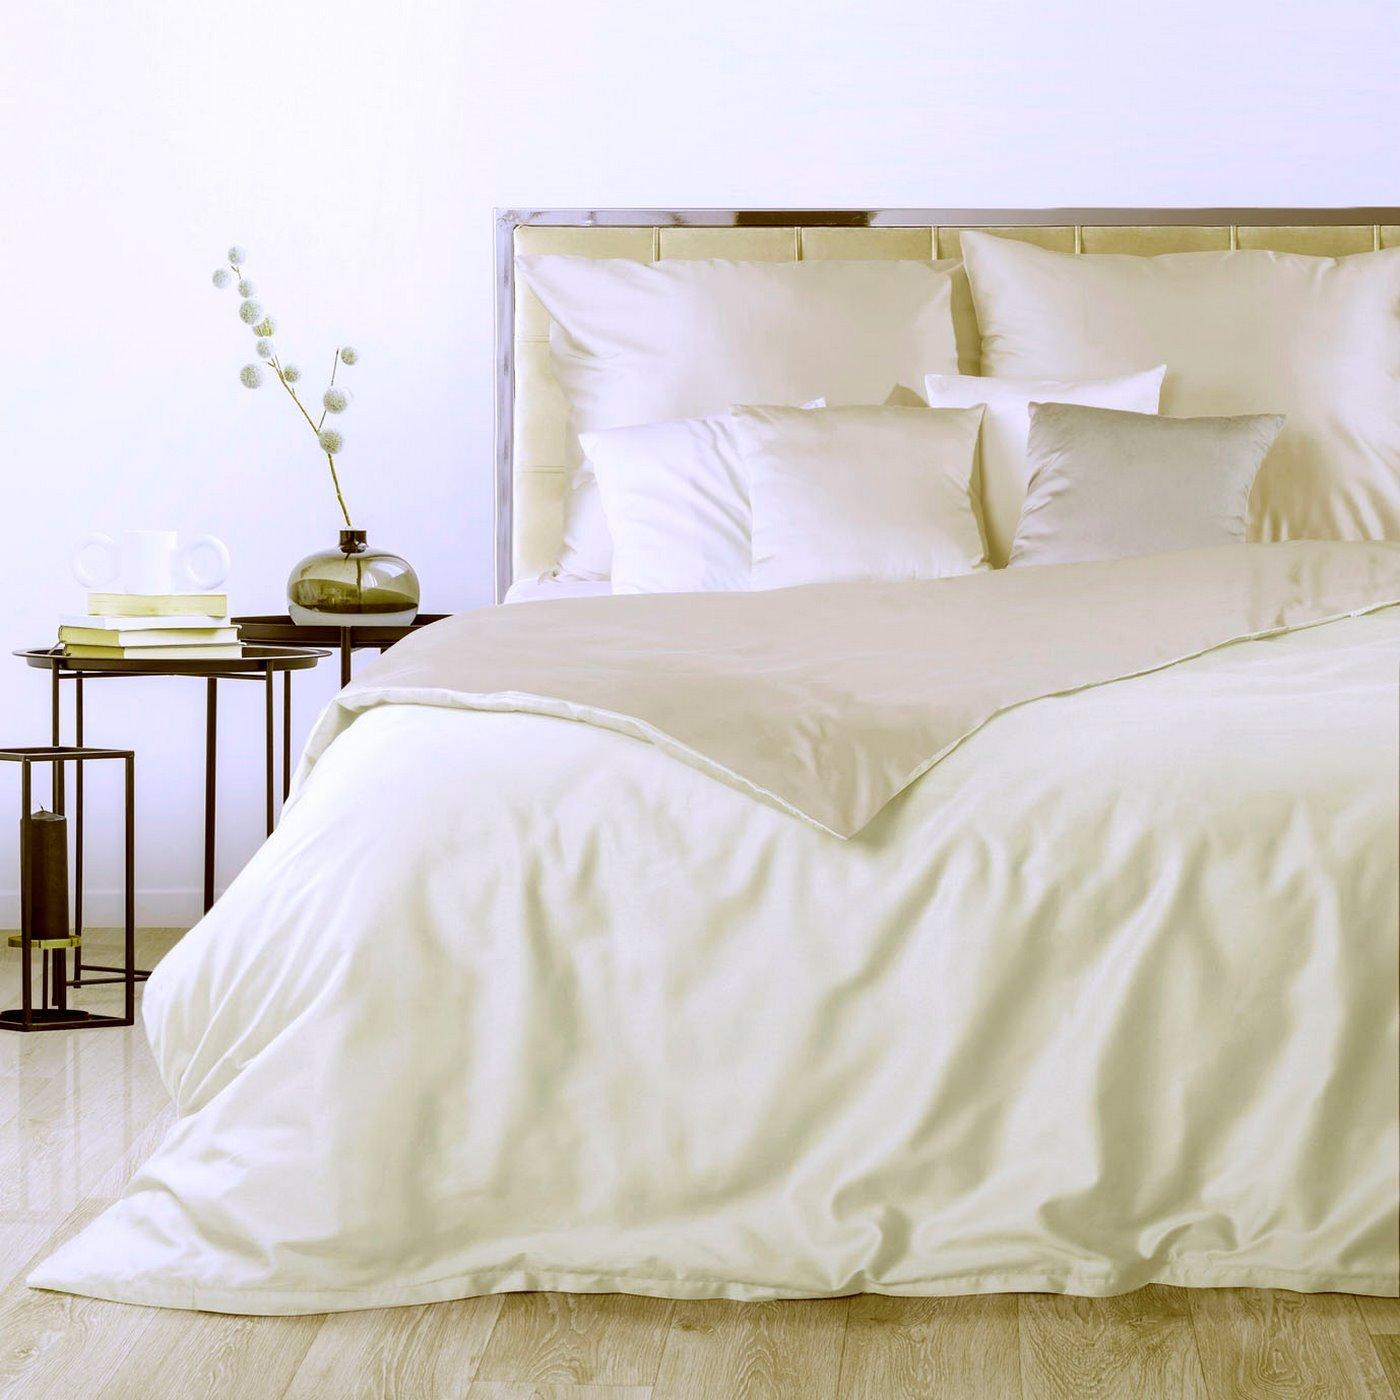 Komplet pościeli z makosatyny bawełnianej 160 x 200 cm, 2szt. 70 x 80 cm, kremowo-beżowy